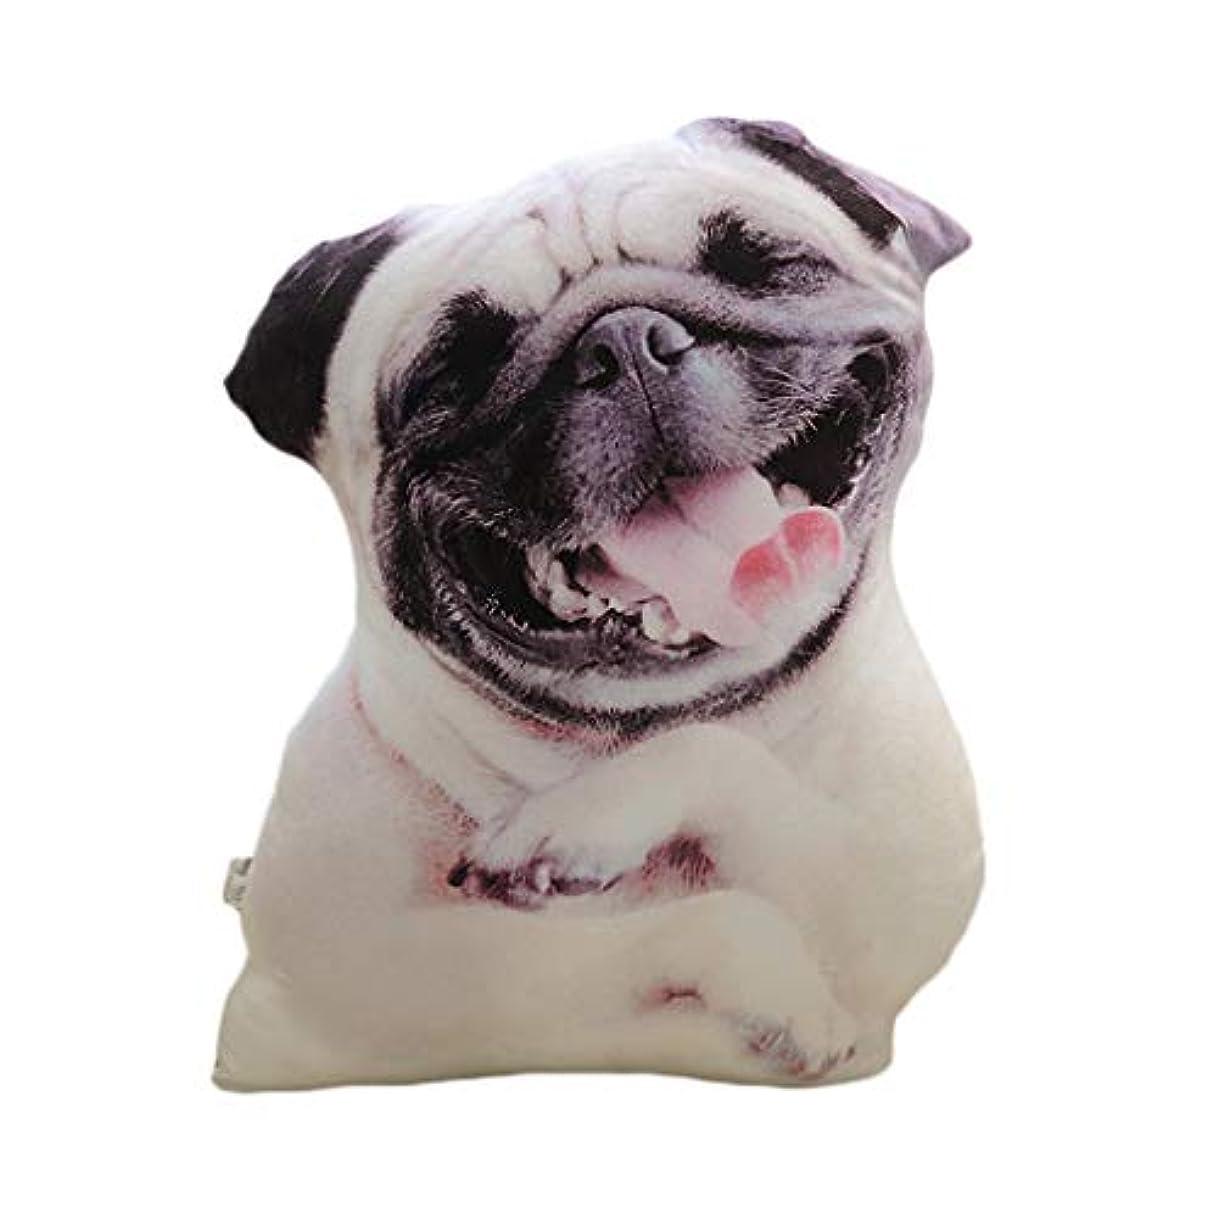 インサート選出する人柄LIFE 装飾クッションソファおかしい 3D 犬印刷スロー枕創造クッションかわいいぬいぐるみギフト家の装飾 coussin decoratif クッション 椅子